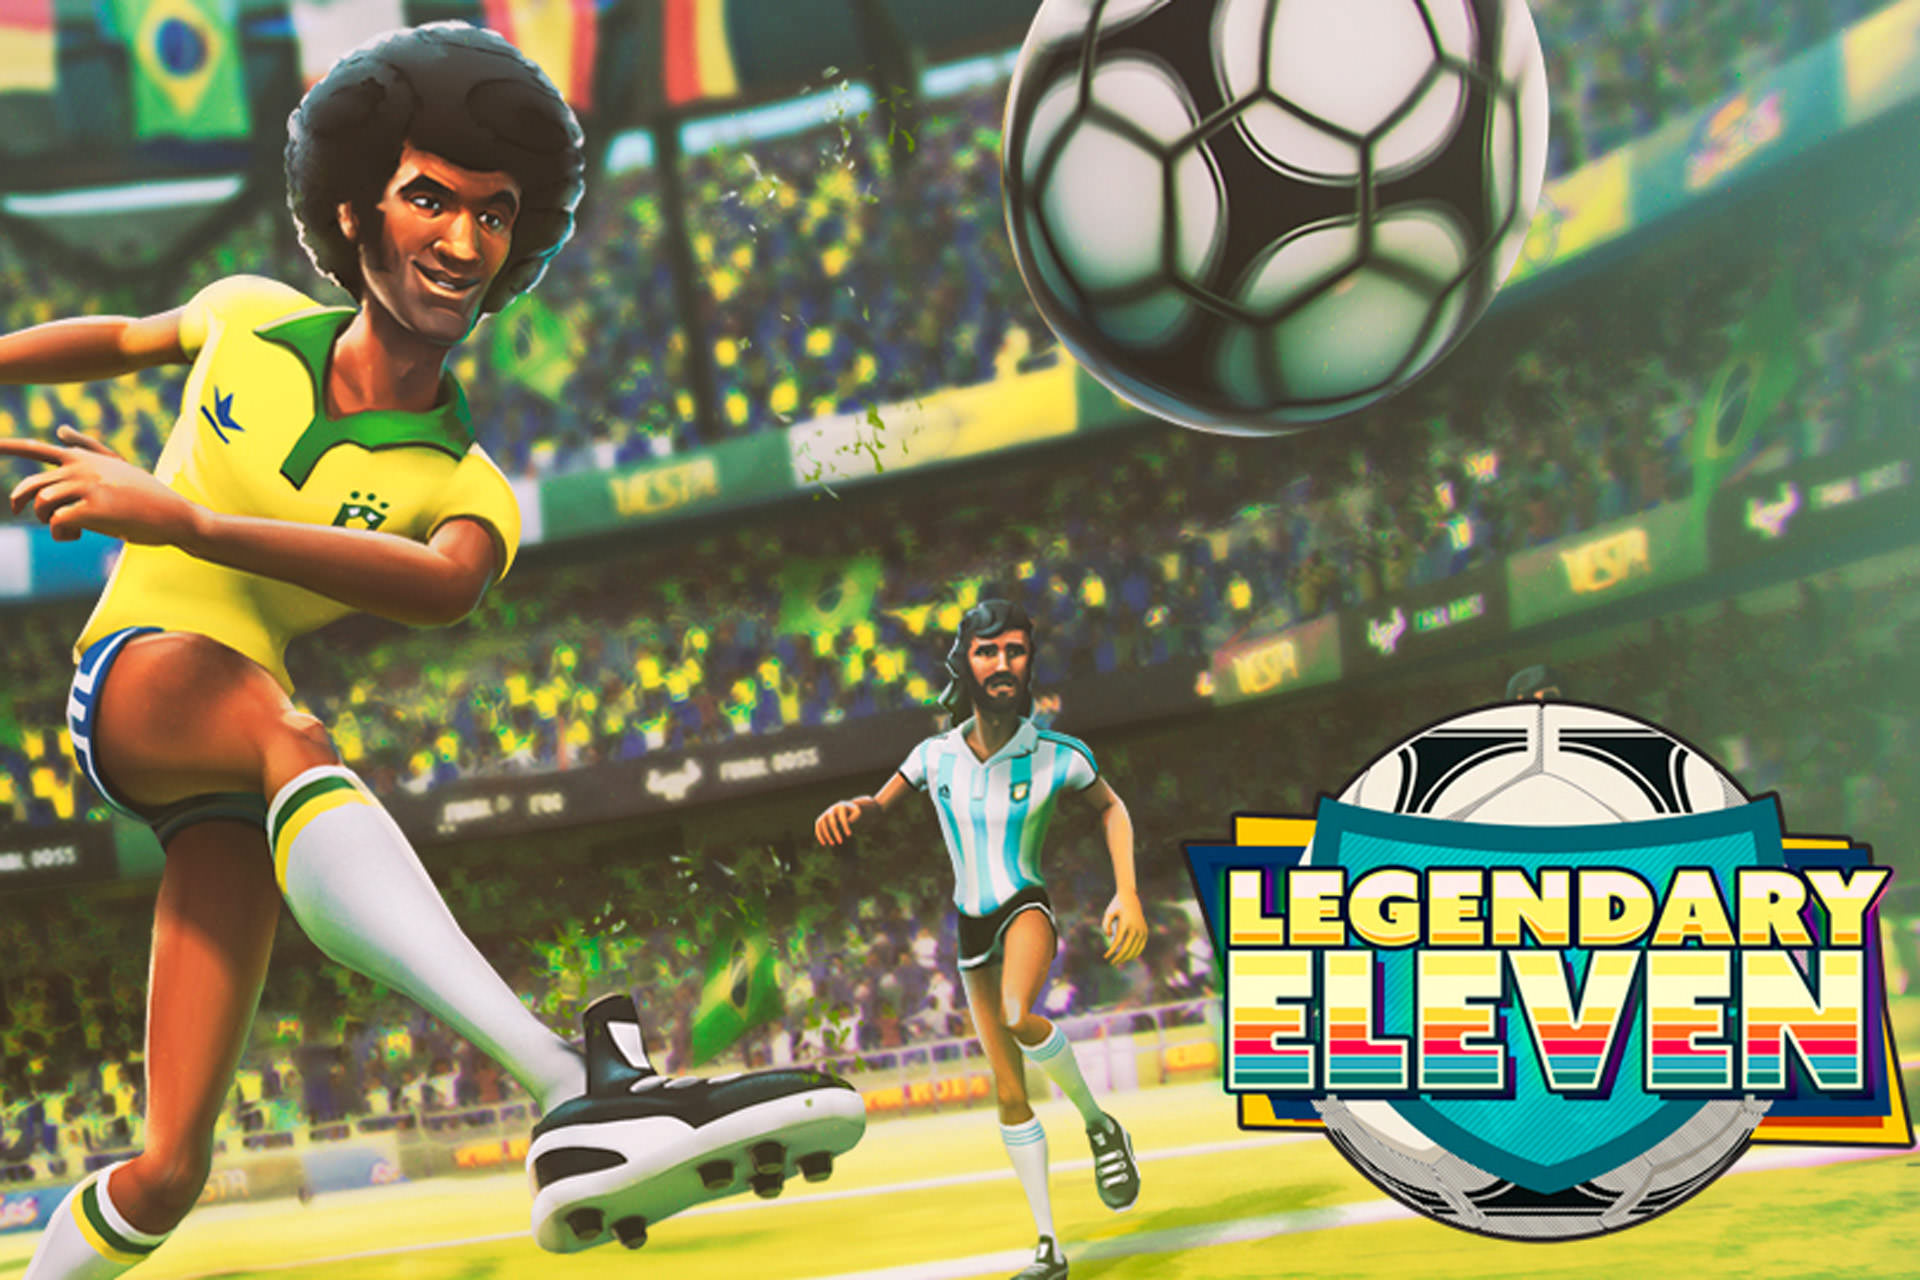 نقد بررسی بازی فوتبال Legendary Eleven (افسانه یازده)